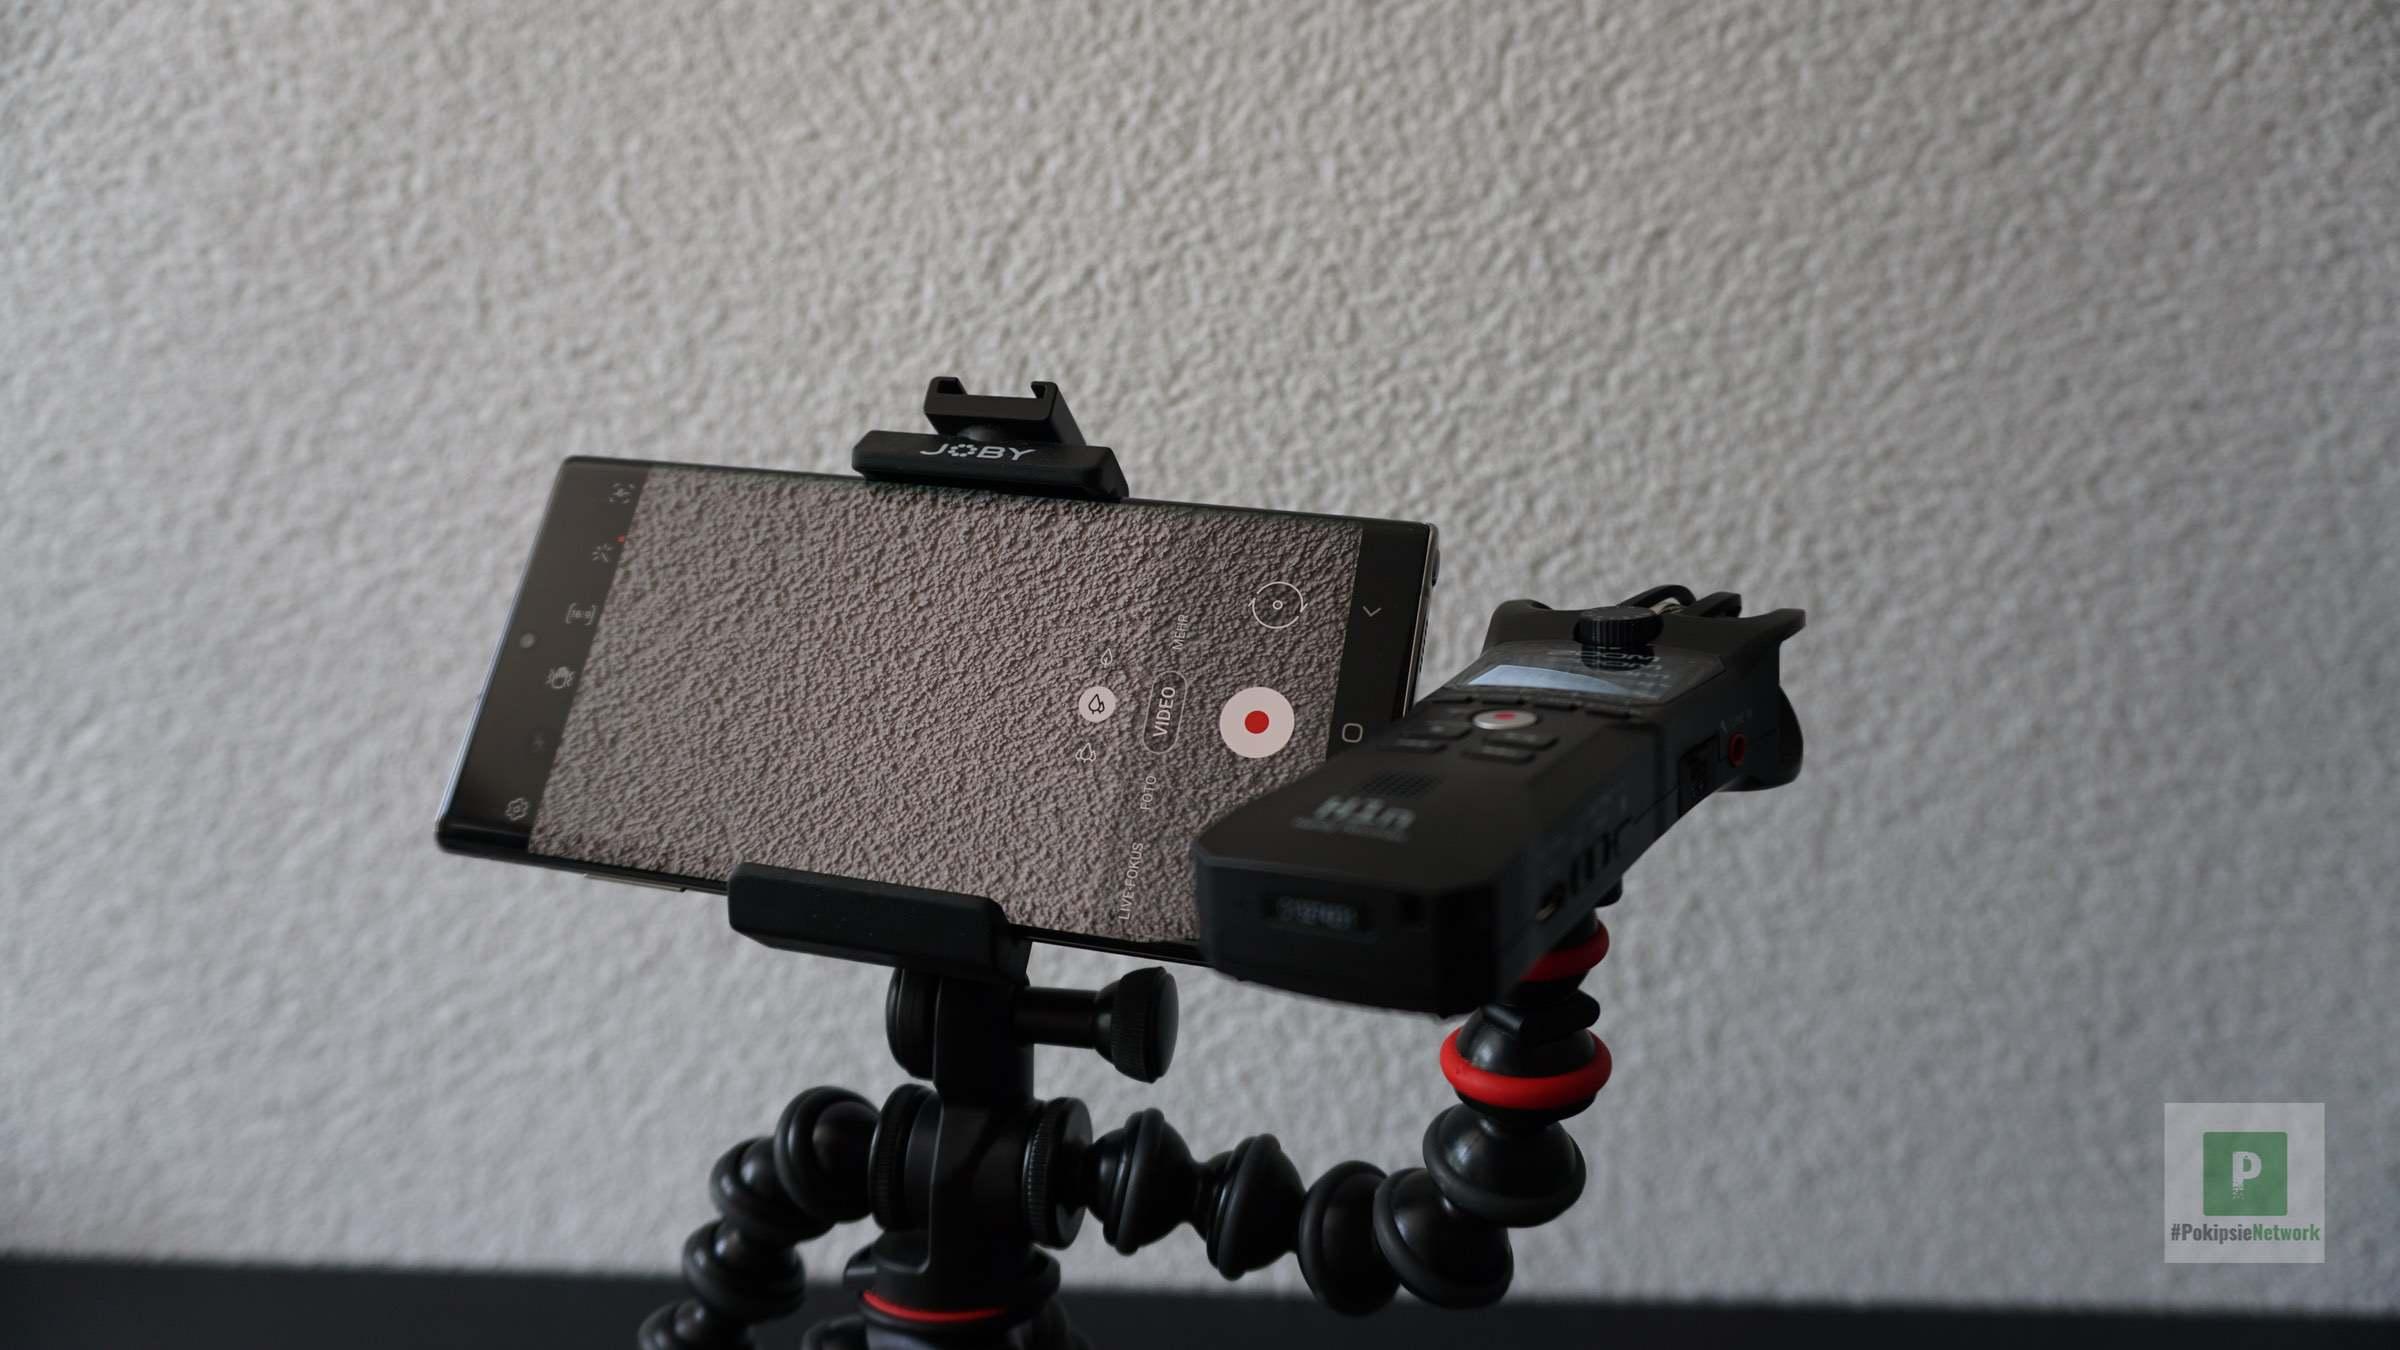 Kombiniert genutzt bei Video Aufnahmen mit dem Smartphone